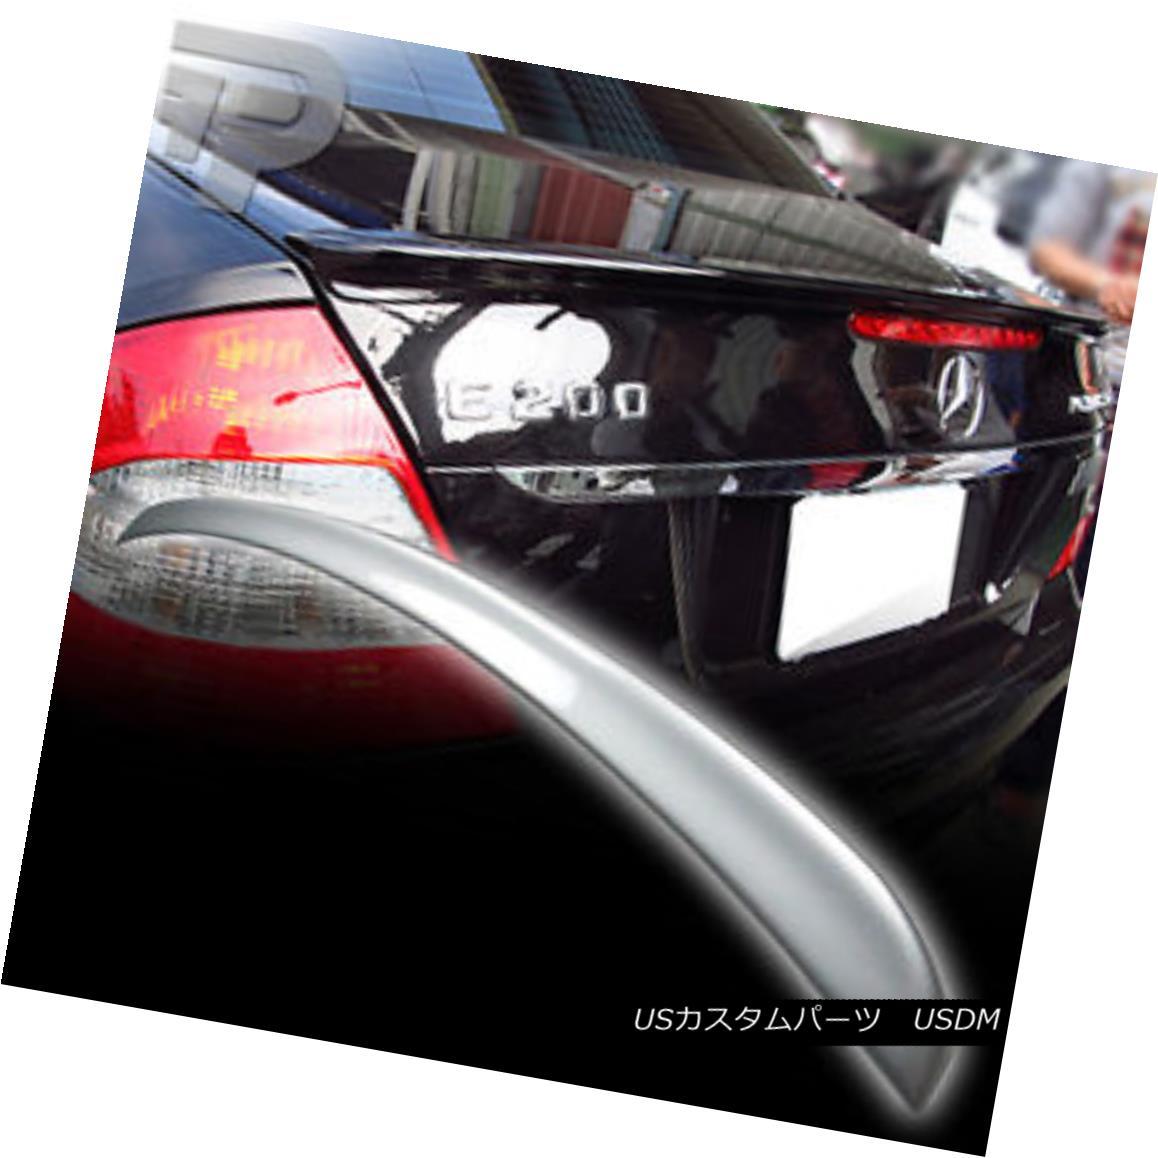 エアロパーツ PAINTED Mercedes BENZ W211 A TRUNK REAR SPOILER 08 775 SILVER ▼ 塗装されたメルセデスベンツW211 TRUNKリアスポイラー08 775シルバー?